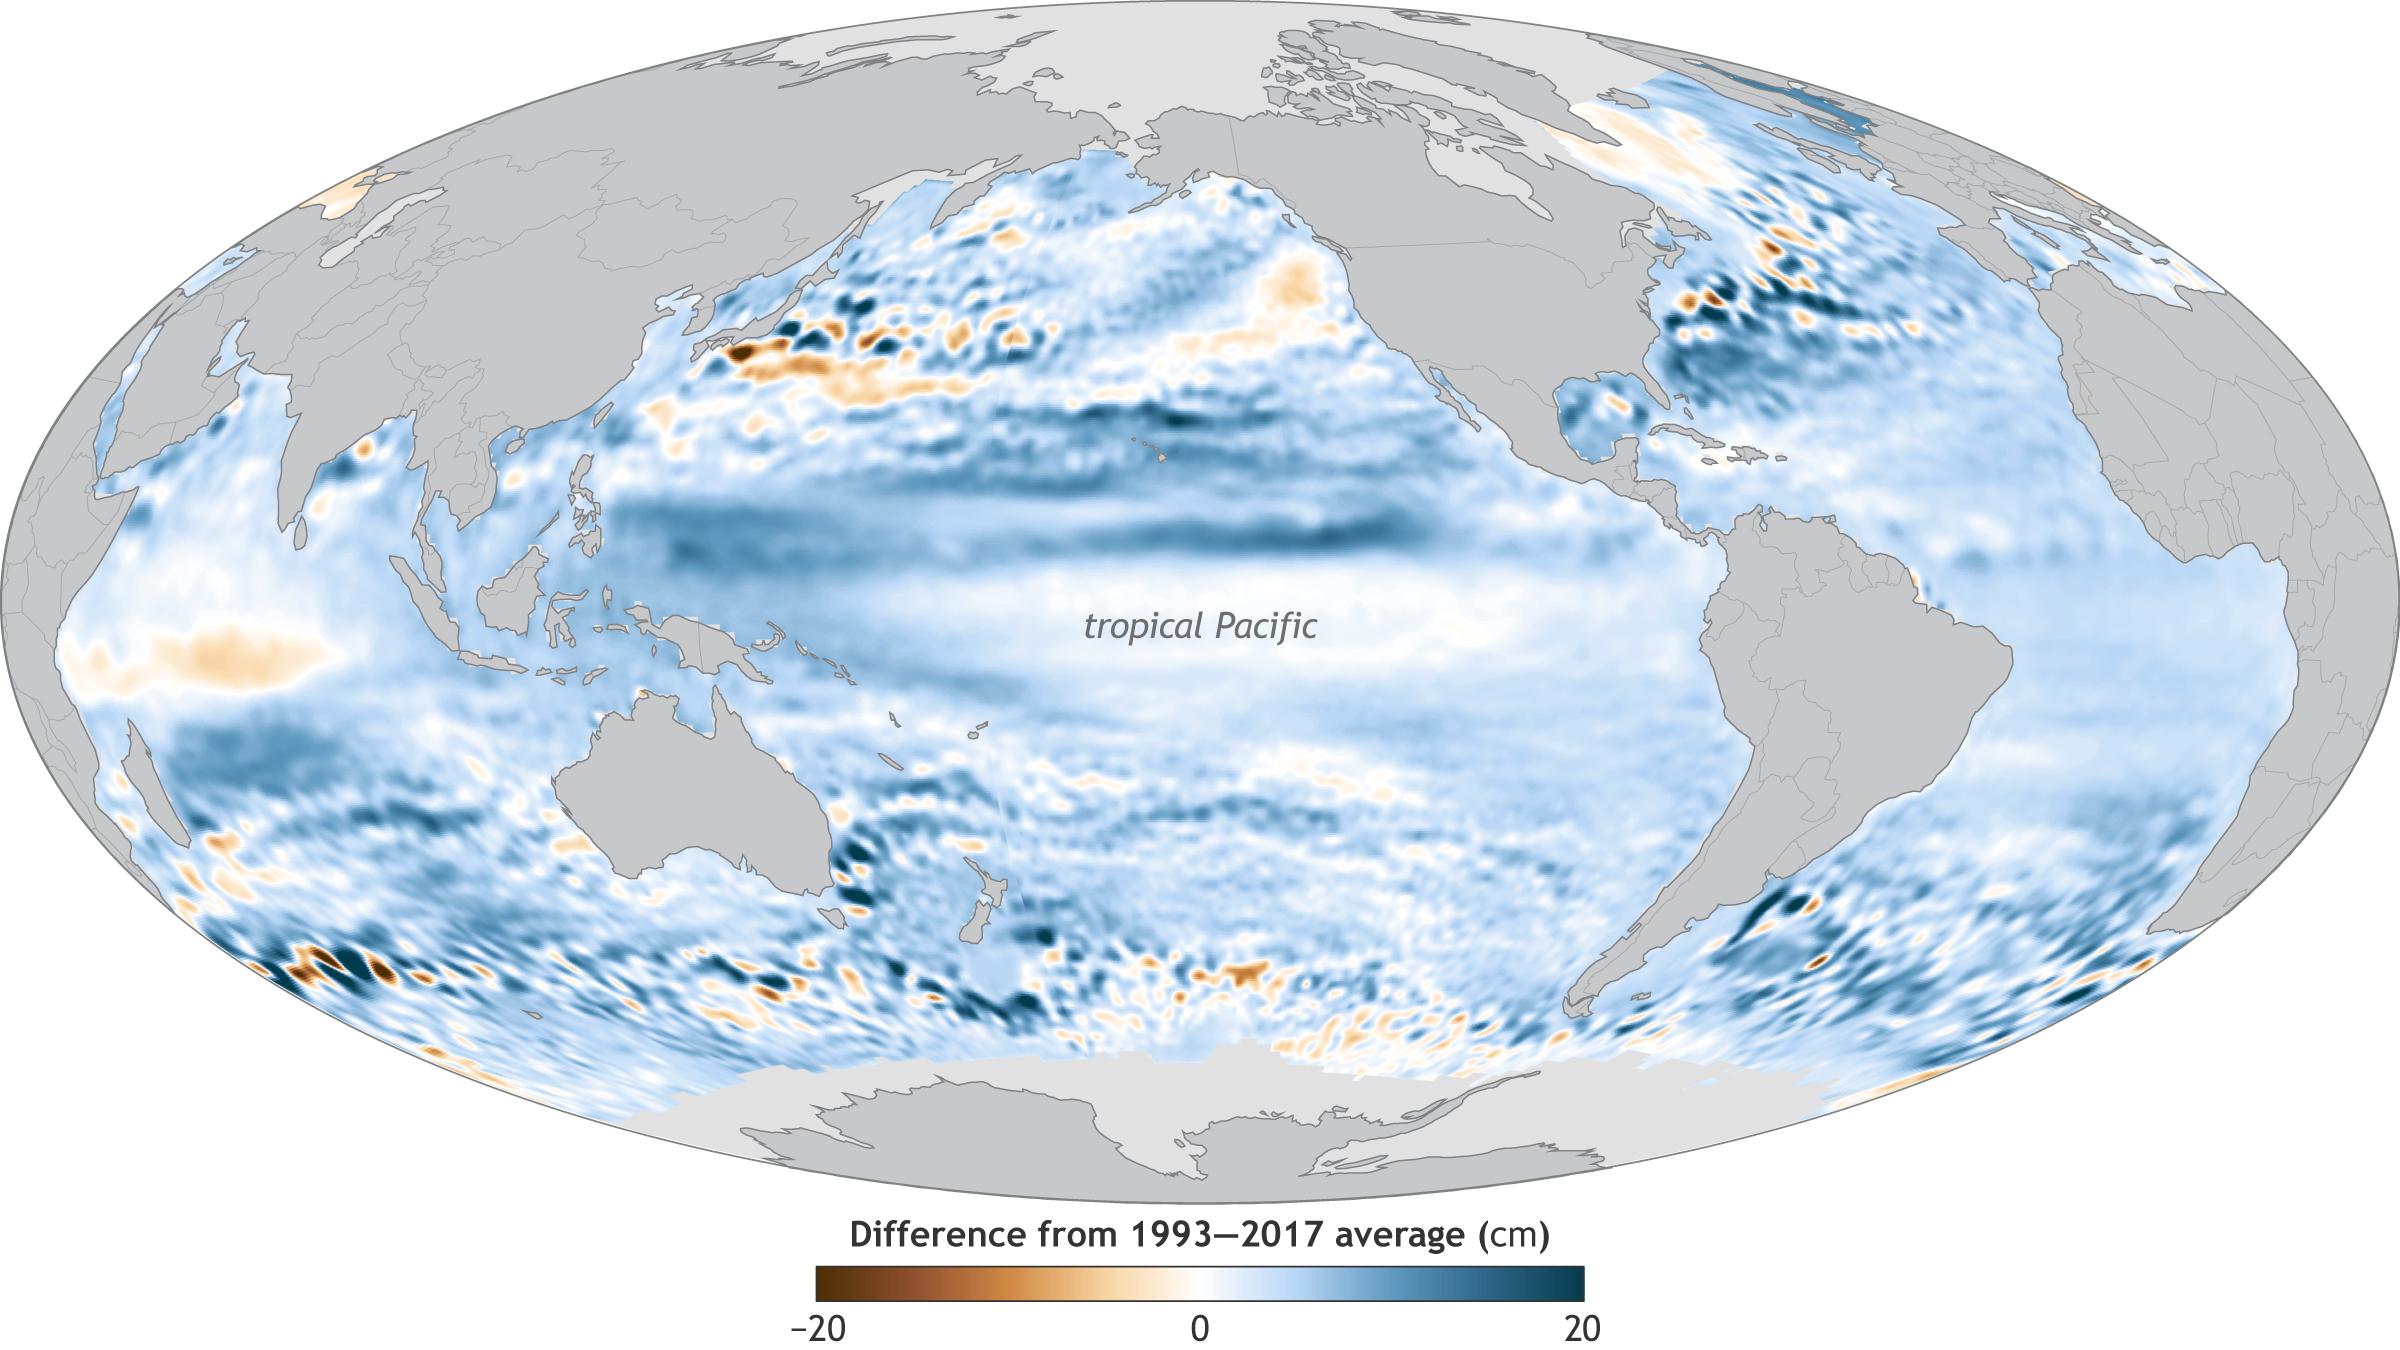 SotC2017_02_SeaLevels_map_large Sea Level Rise Projections Map on earth sea rise map, sea level rise florida 2050, sea level rise simulation, florida sea level elevation map, sea level rise predictions 2050, sea level rise chart, sea level rise before and after, sea level rise flood maps,